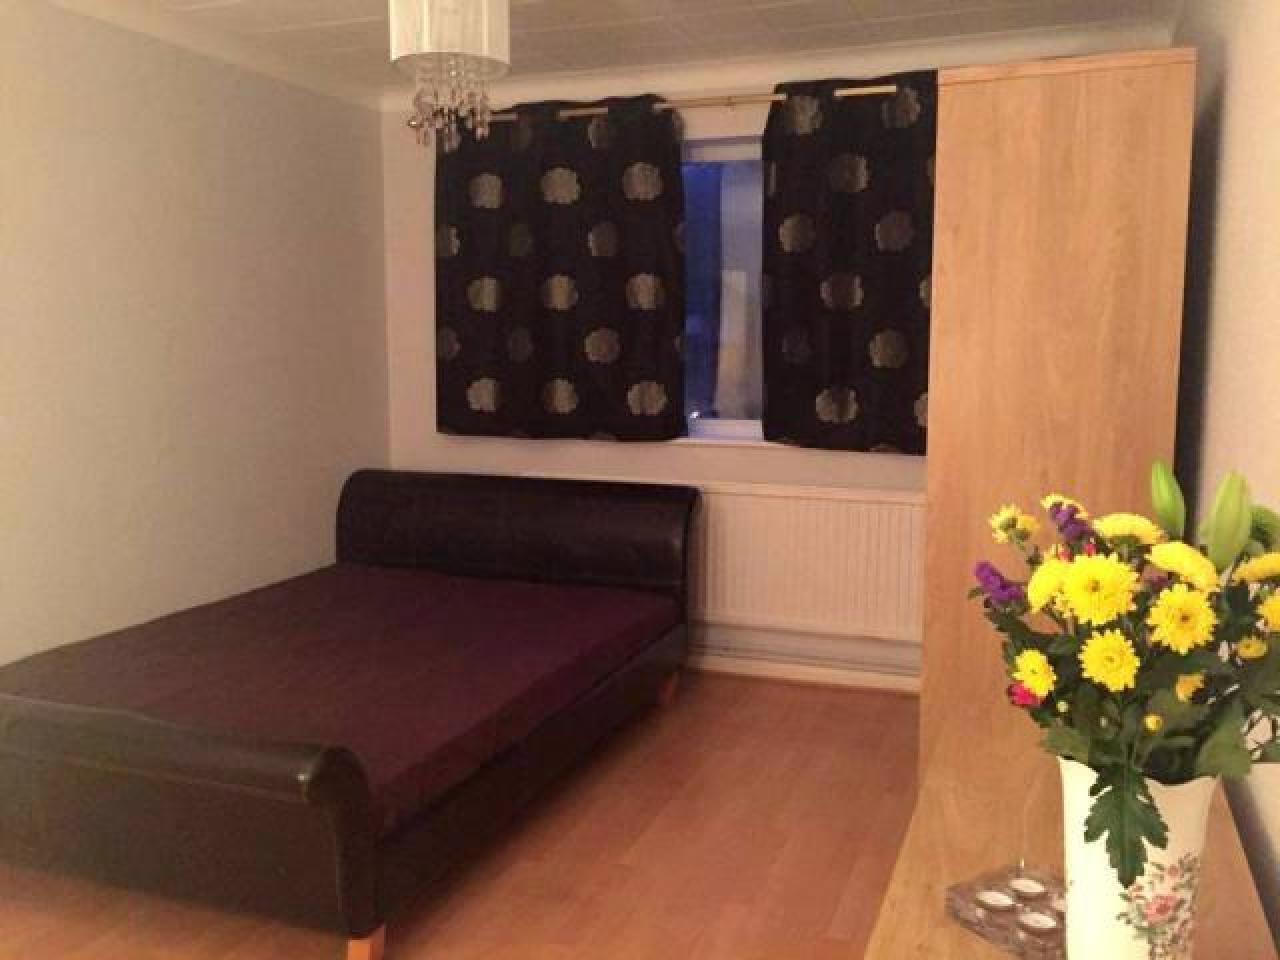 Сдается замечательная двухместная комната в Eltham. ВСЕ СЧЕТА ВКЛЮЧЕНЫ. - 1